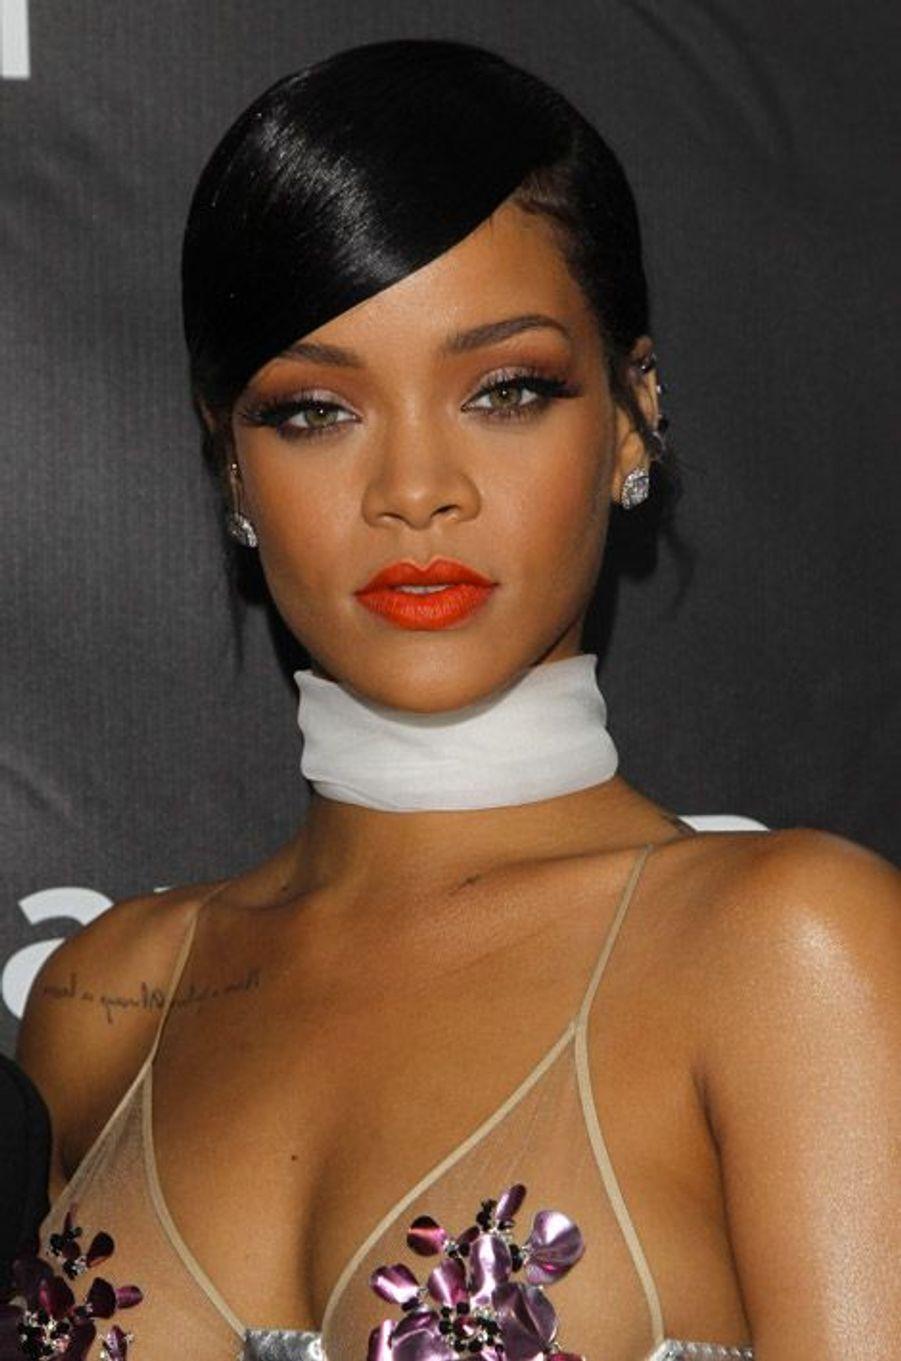 La chanteuse Rihanna lors du gala de l'AmfAR pour la lutte contre le sida, à Los Angeles, le 29 octobre 2014